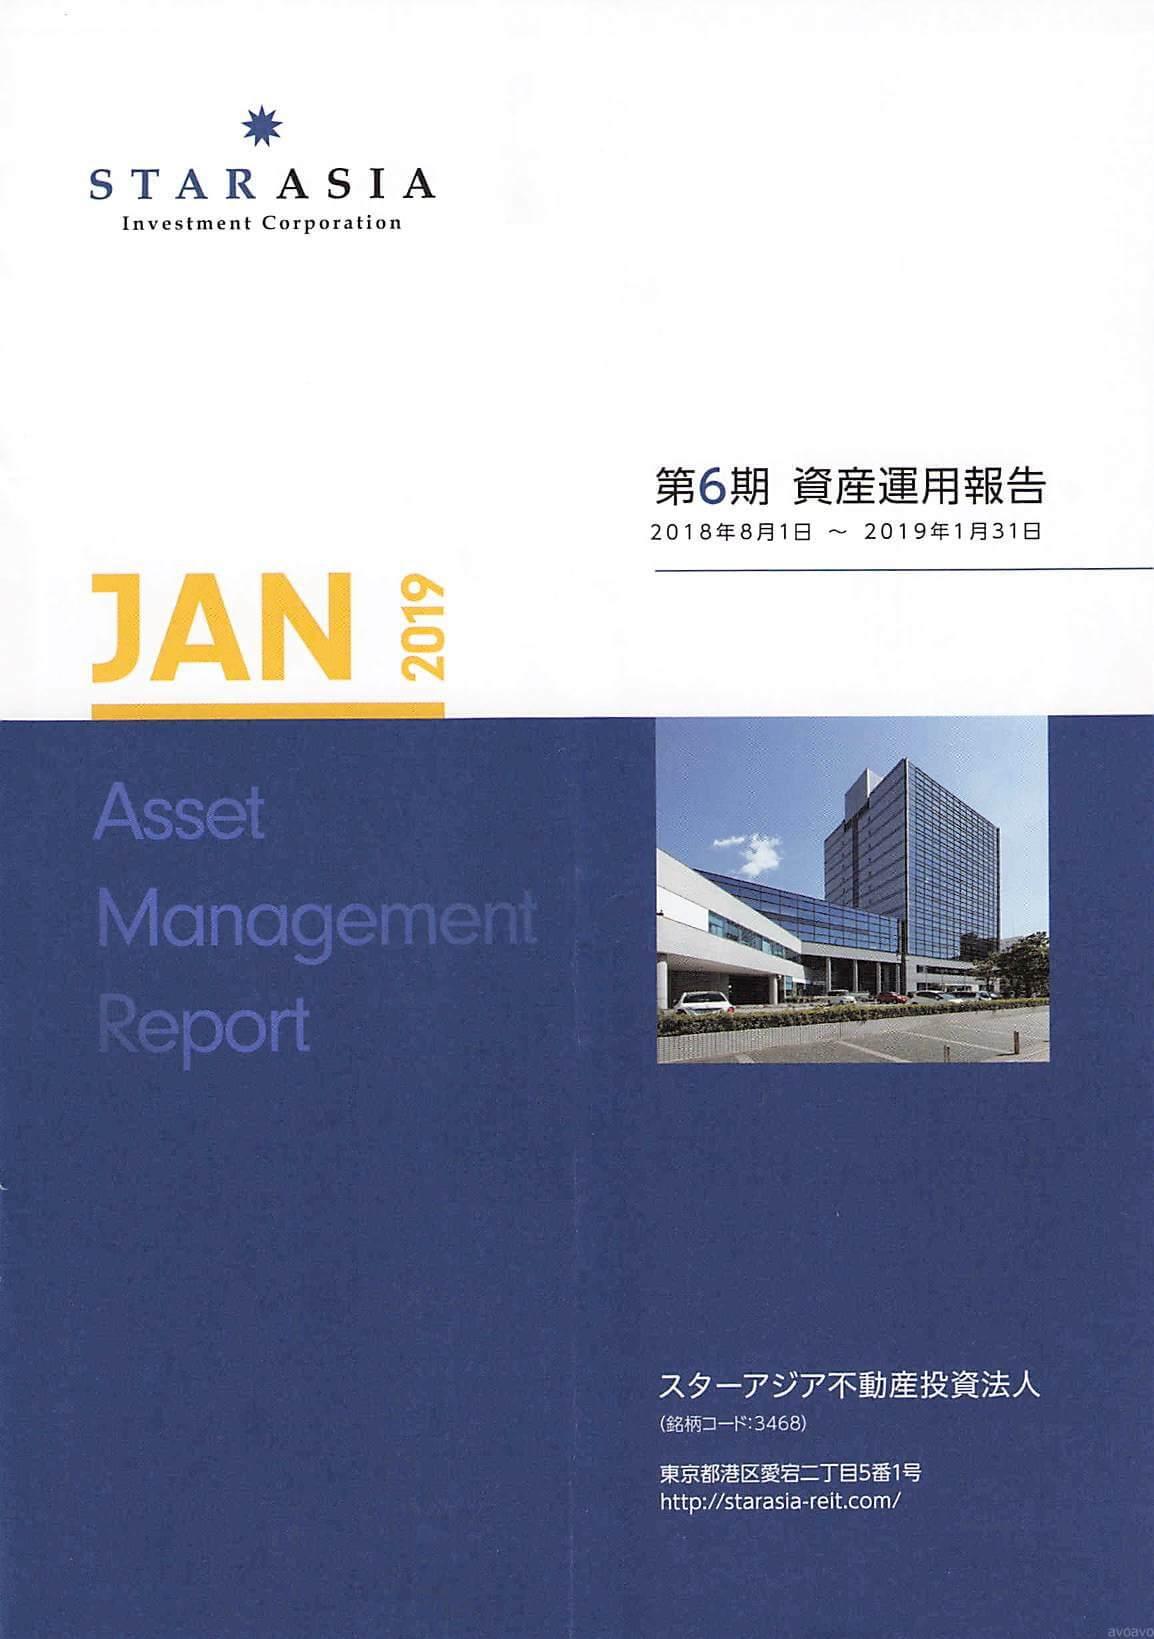 スターアジア不動産投資法人(3468)